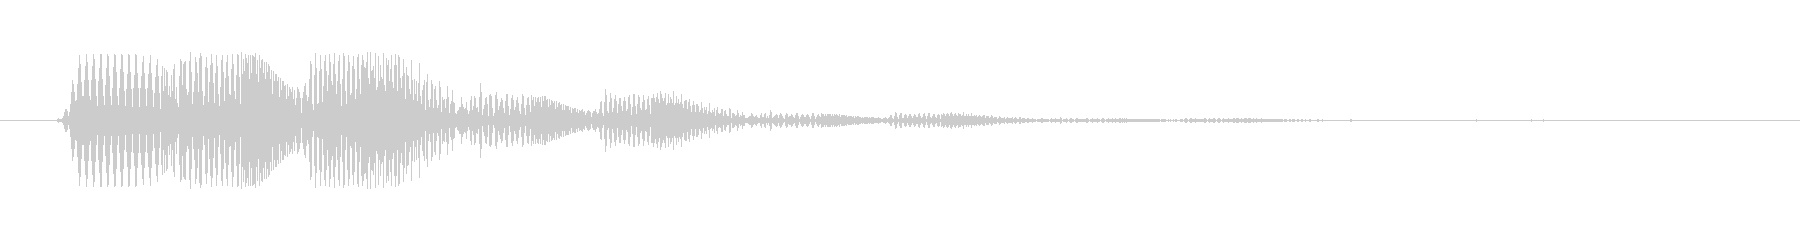 ファミコン風効果音決定音系です 05の未再生の波形